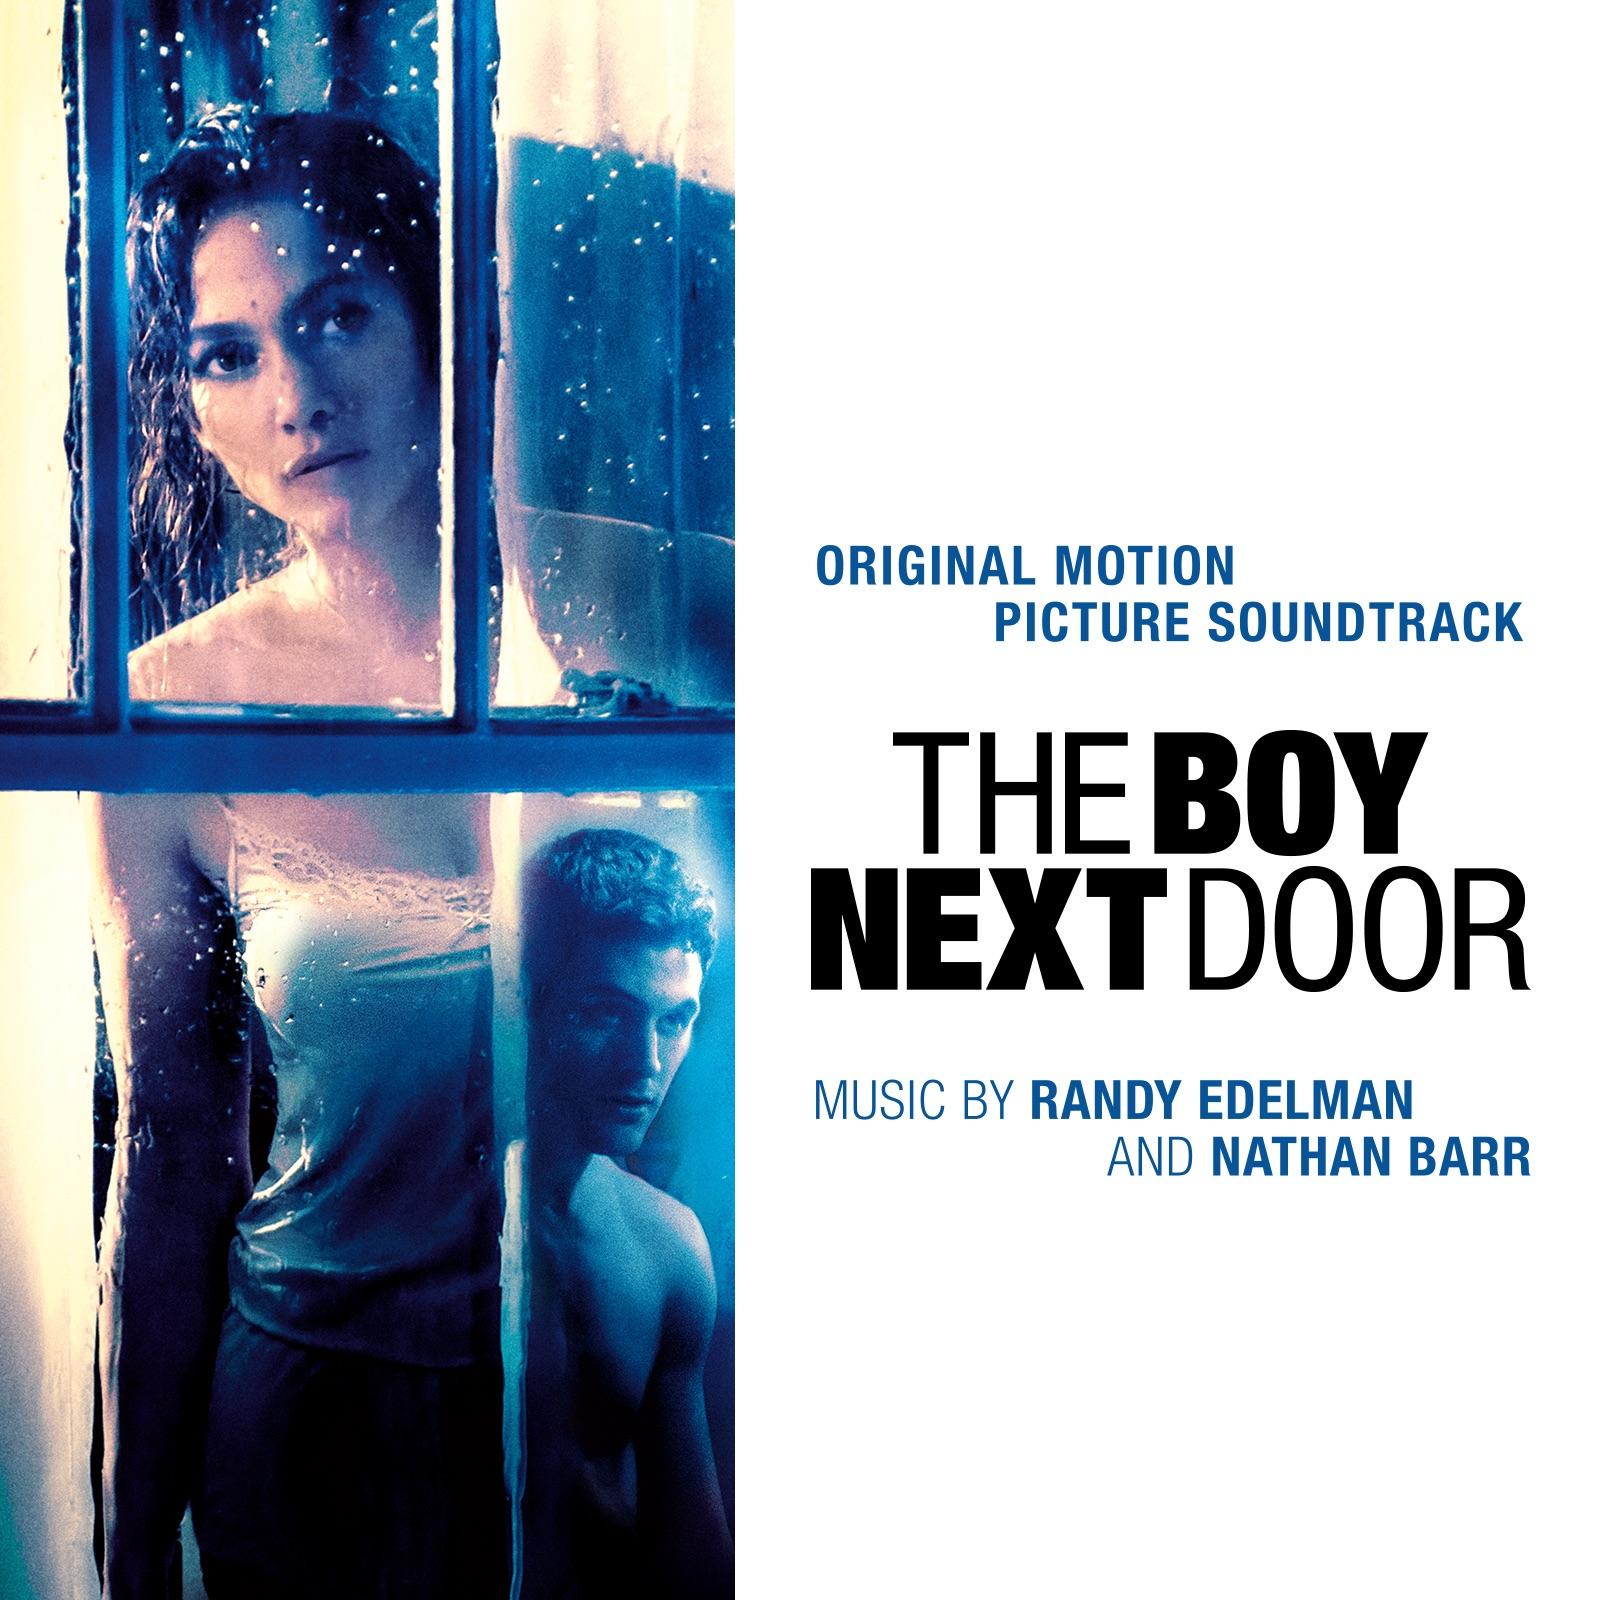 Download album: The Boy Next Door (Original Motion Picture